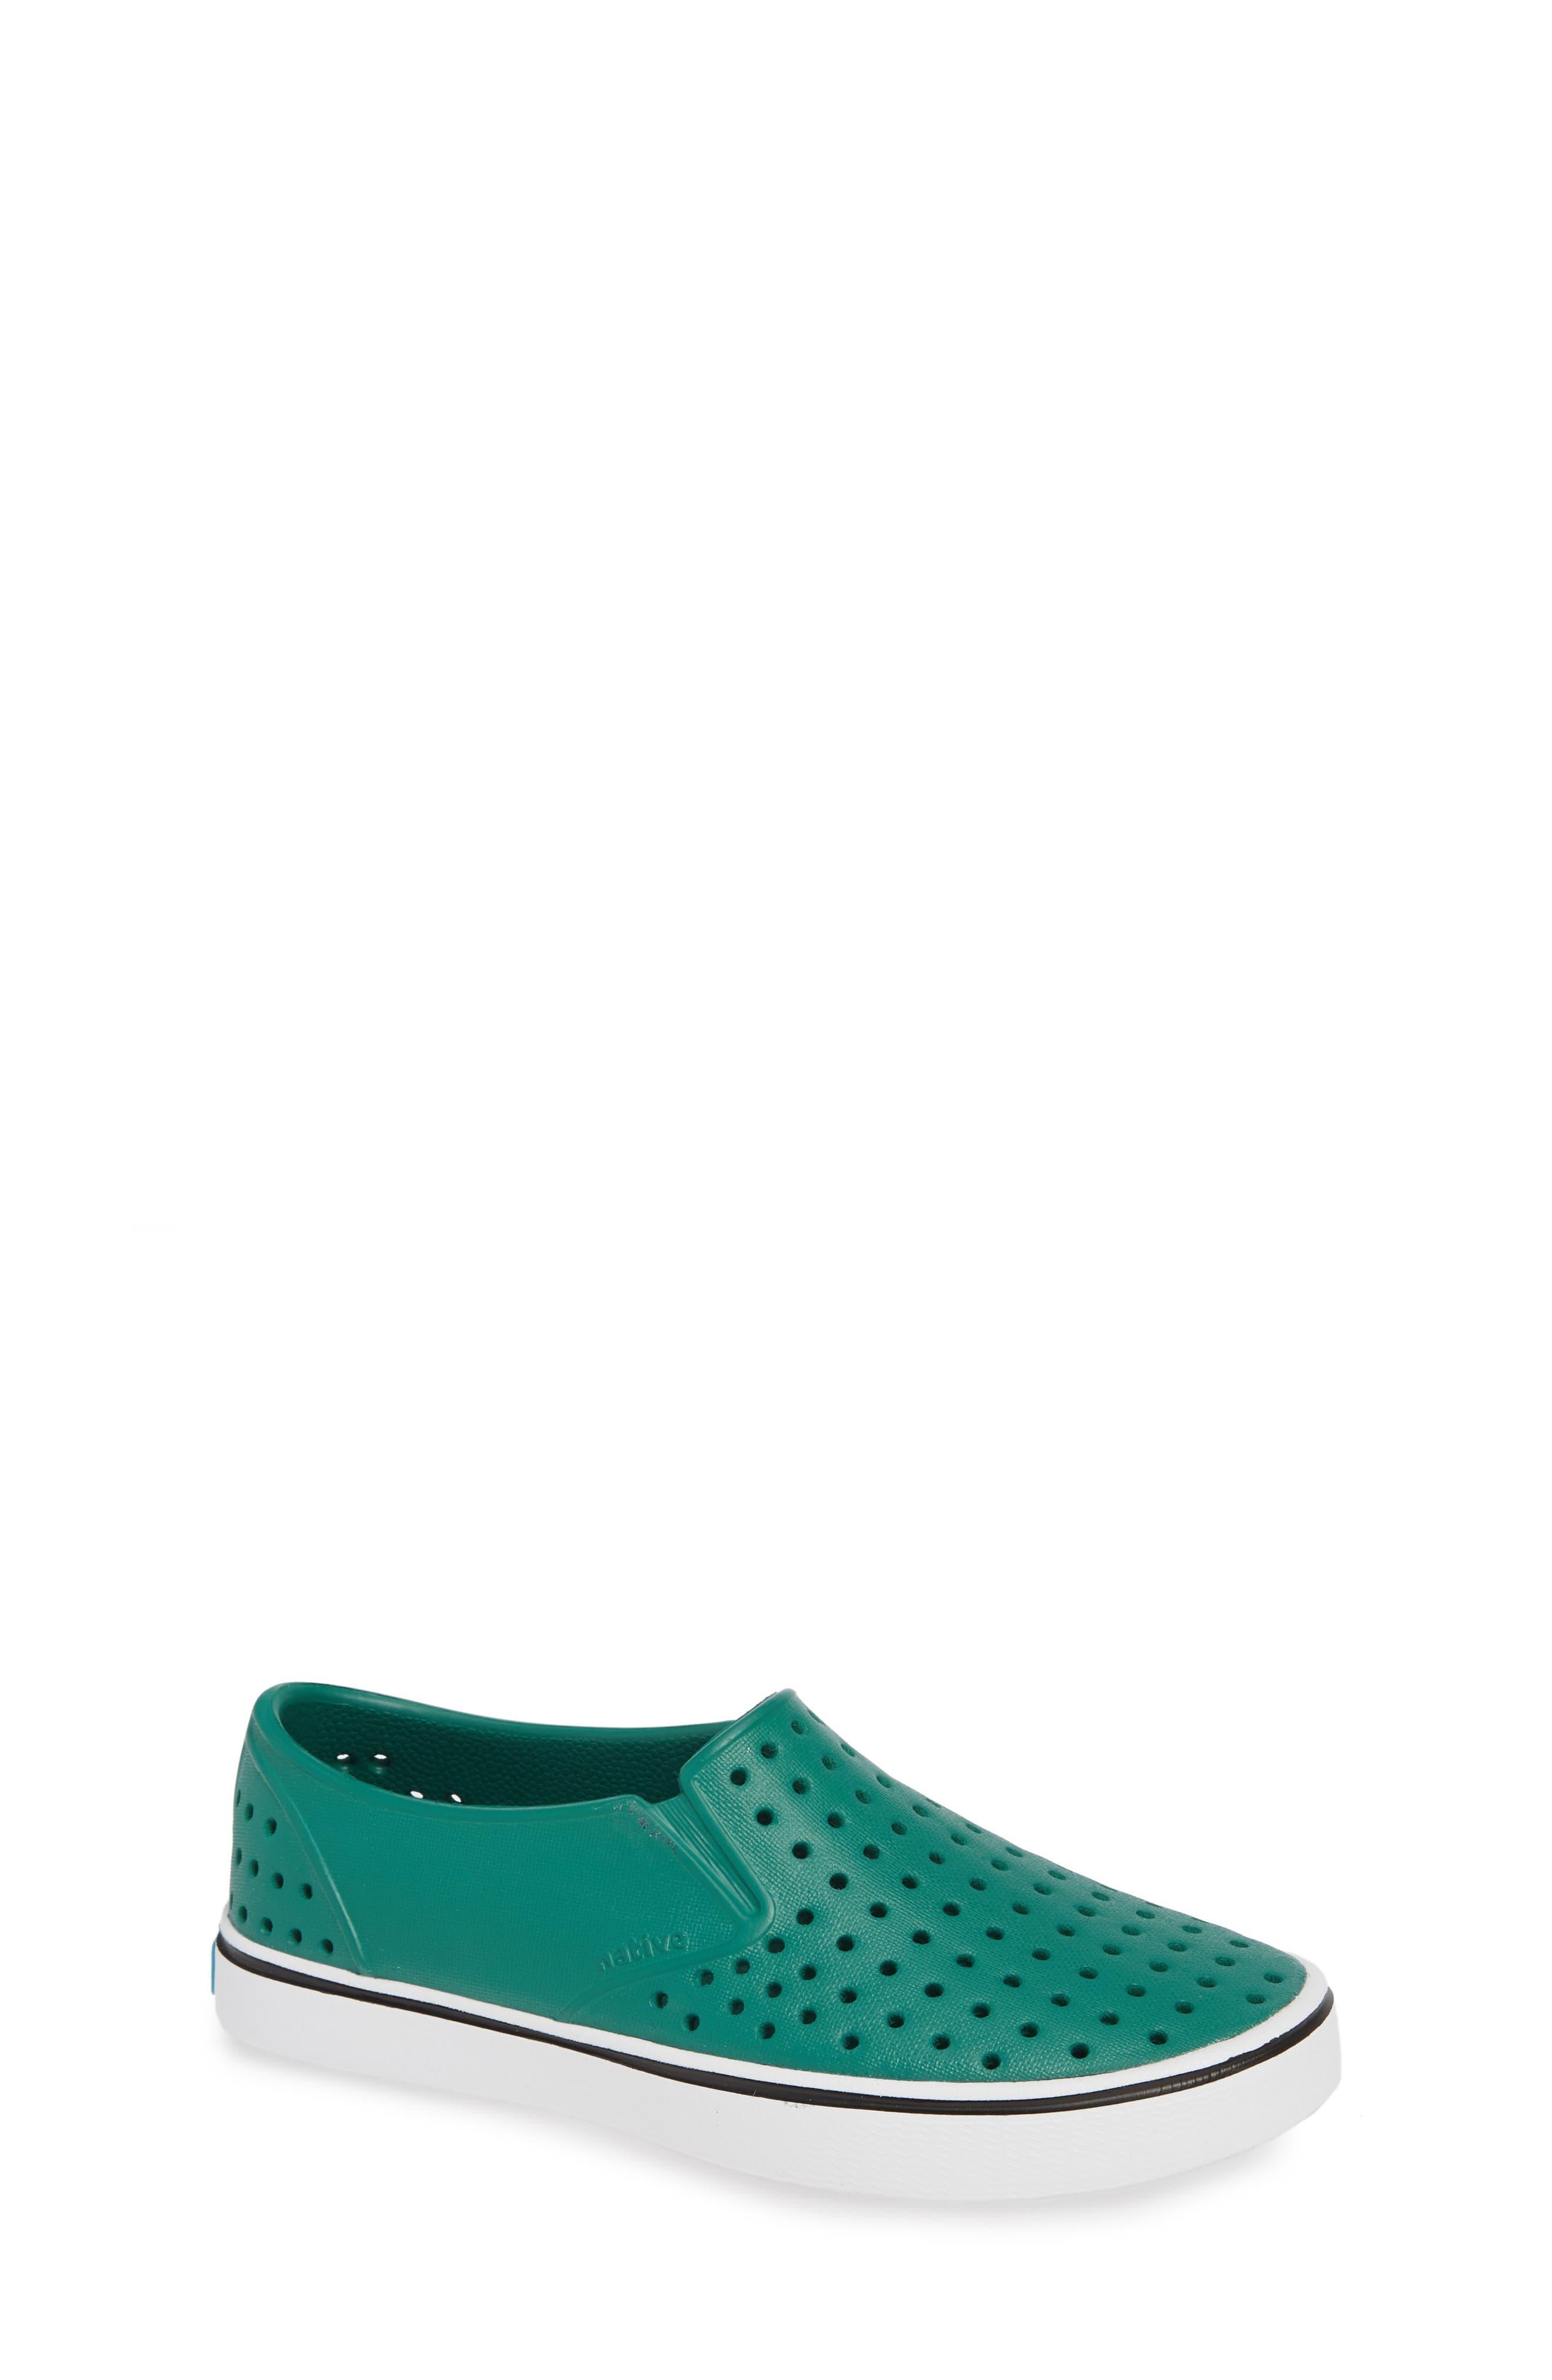 Miles Water Friendly Slip-On Vegan Sneaker,                             Main thumbnail 1, color,                             EVERGREEN/ SHELL WHITE